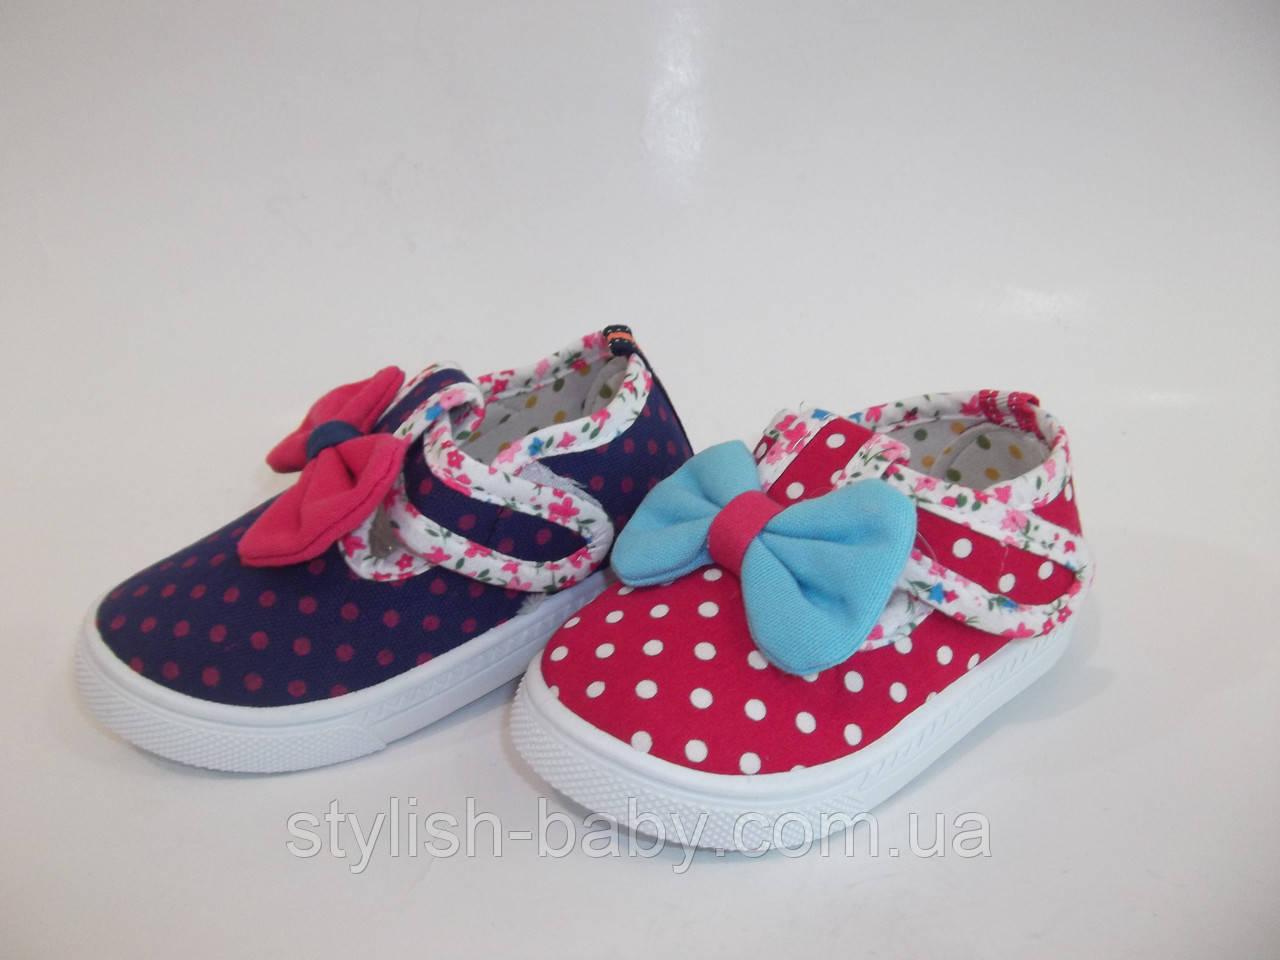 Детские кеды бренда Bluerama для девочек (разм. с 21 по 26)